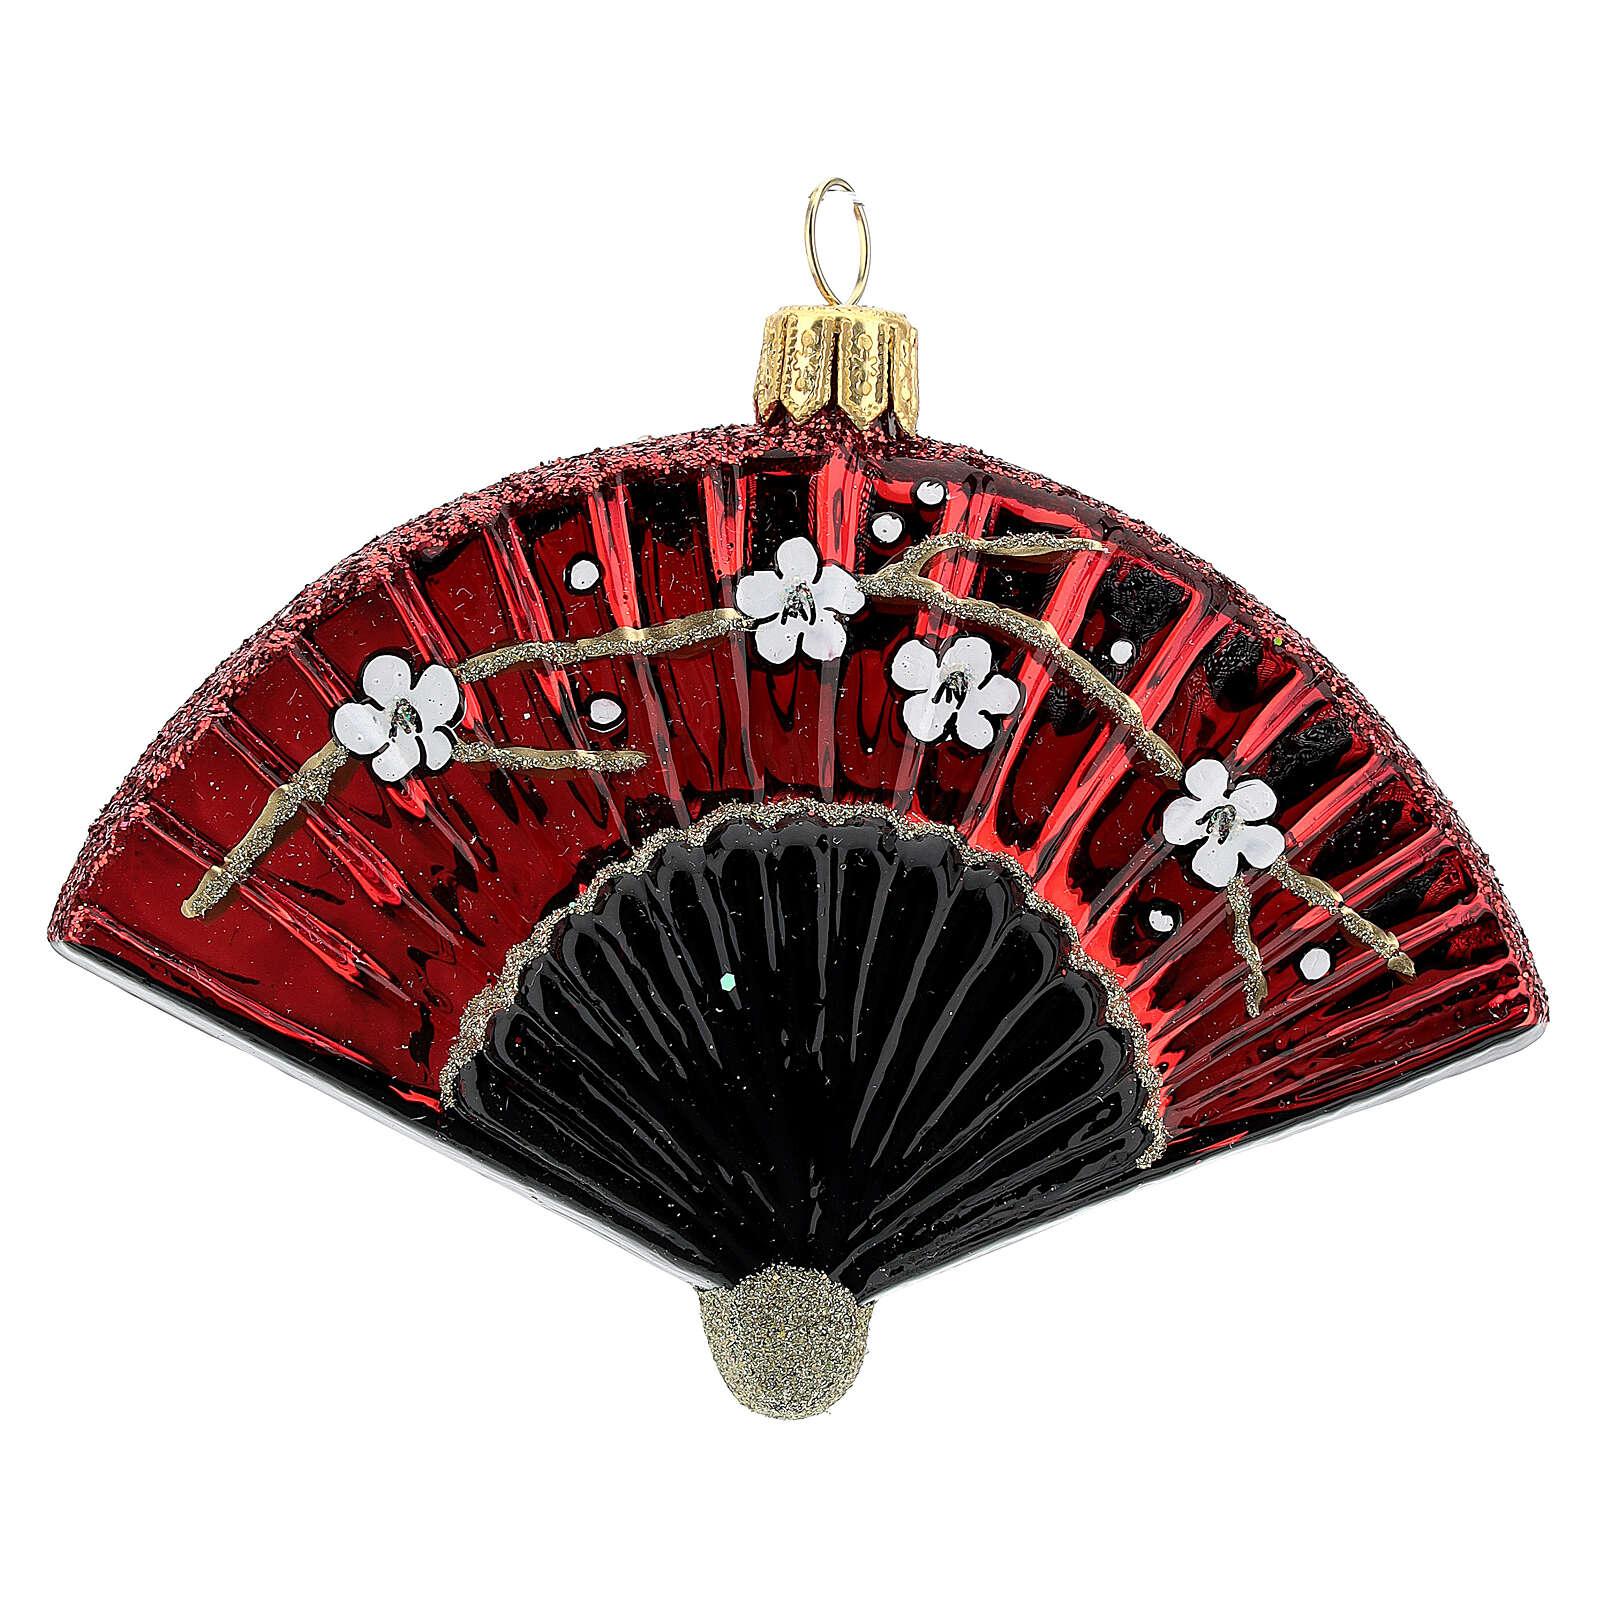 Abanico japonés decoración vidrio soplado Árbol Navidad 4